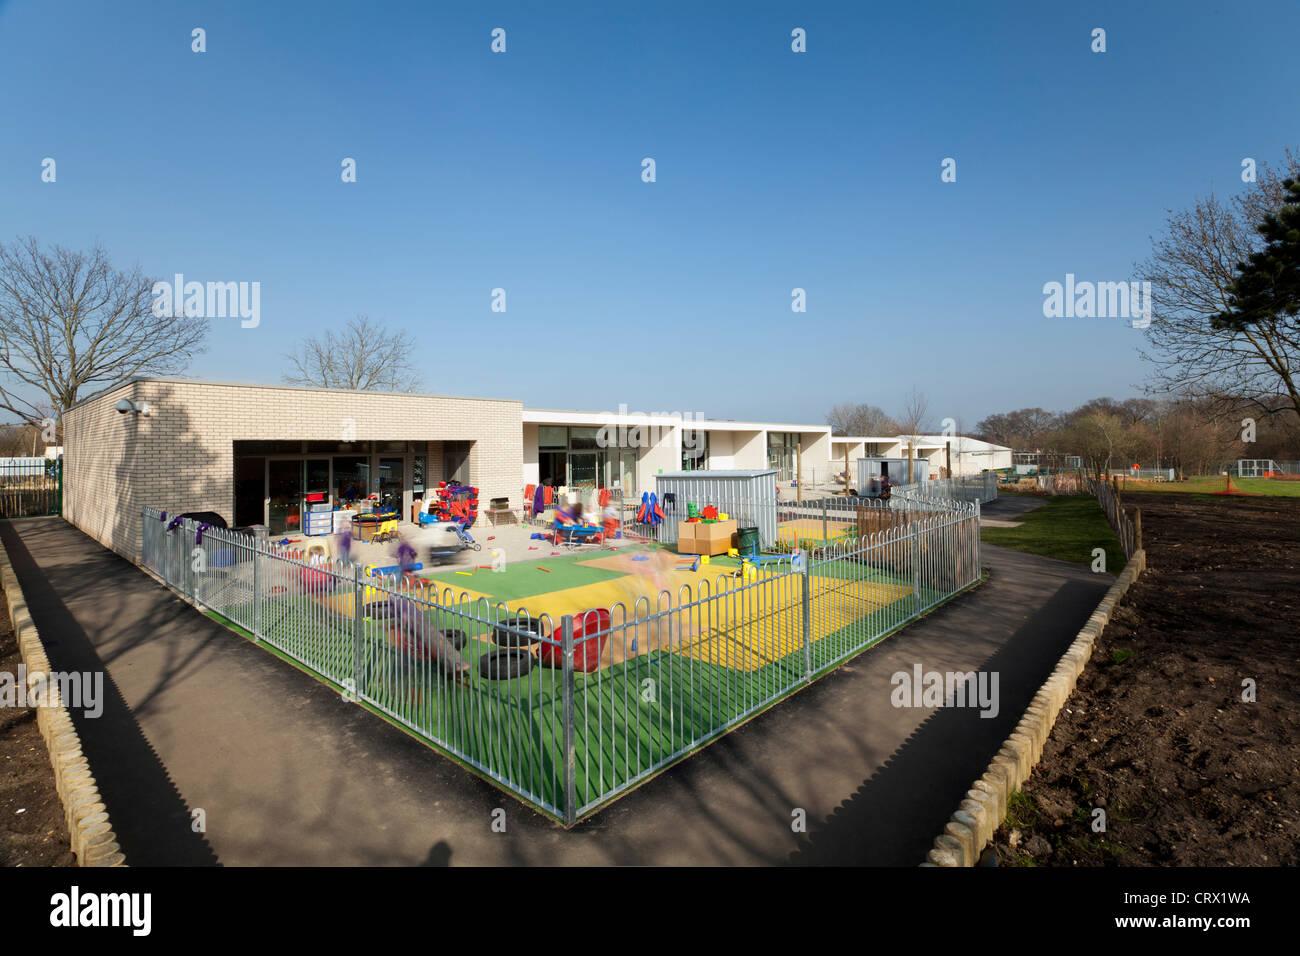 Grundschule Spielplatz mit unscharfen spielende Kinder Stockbild